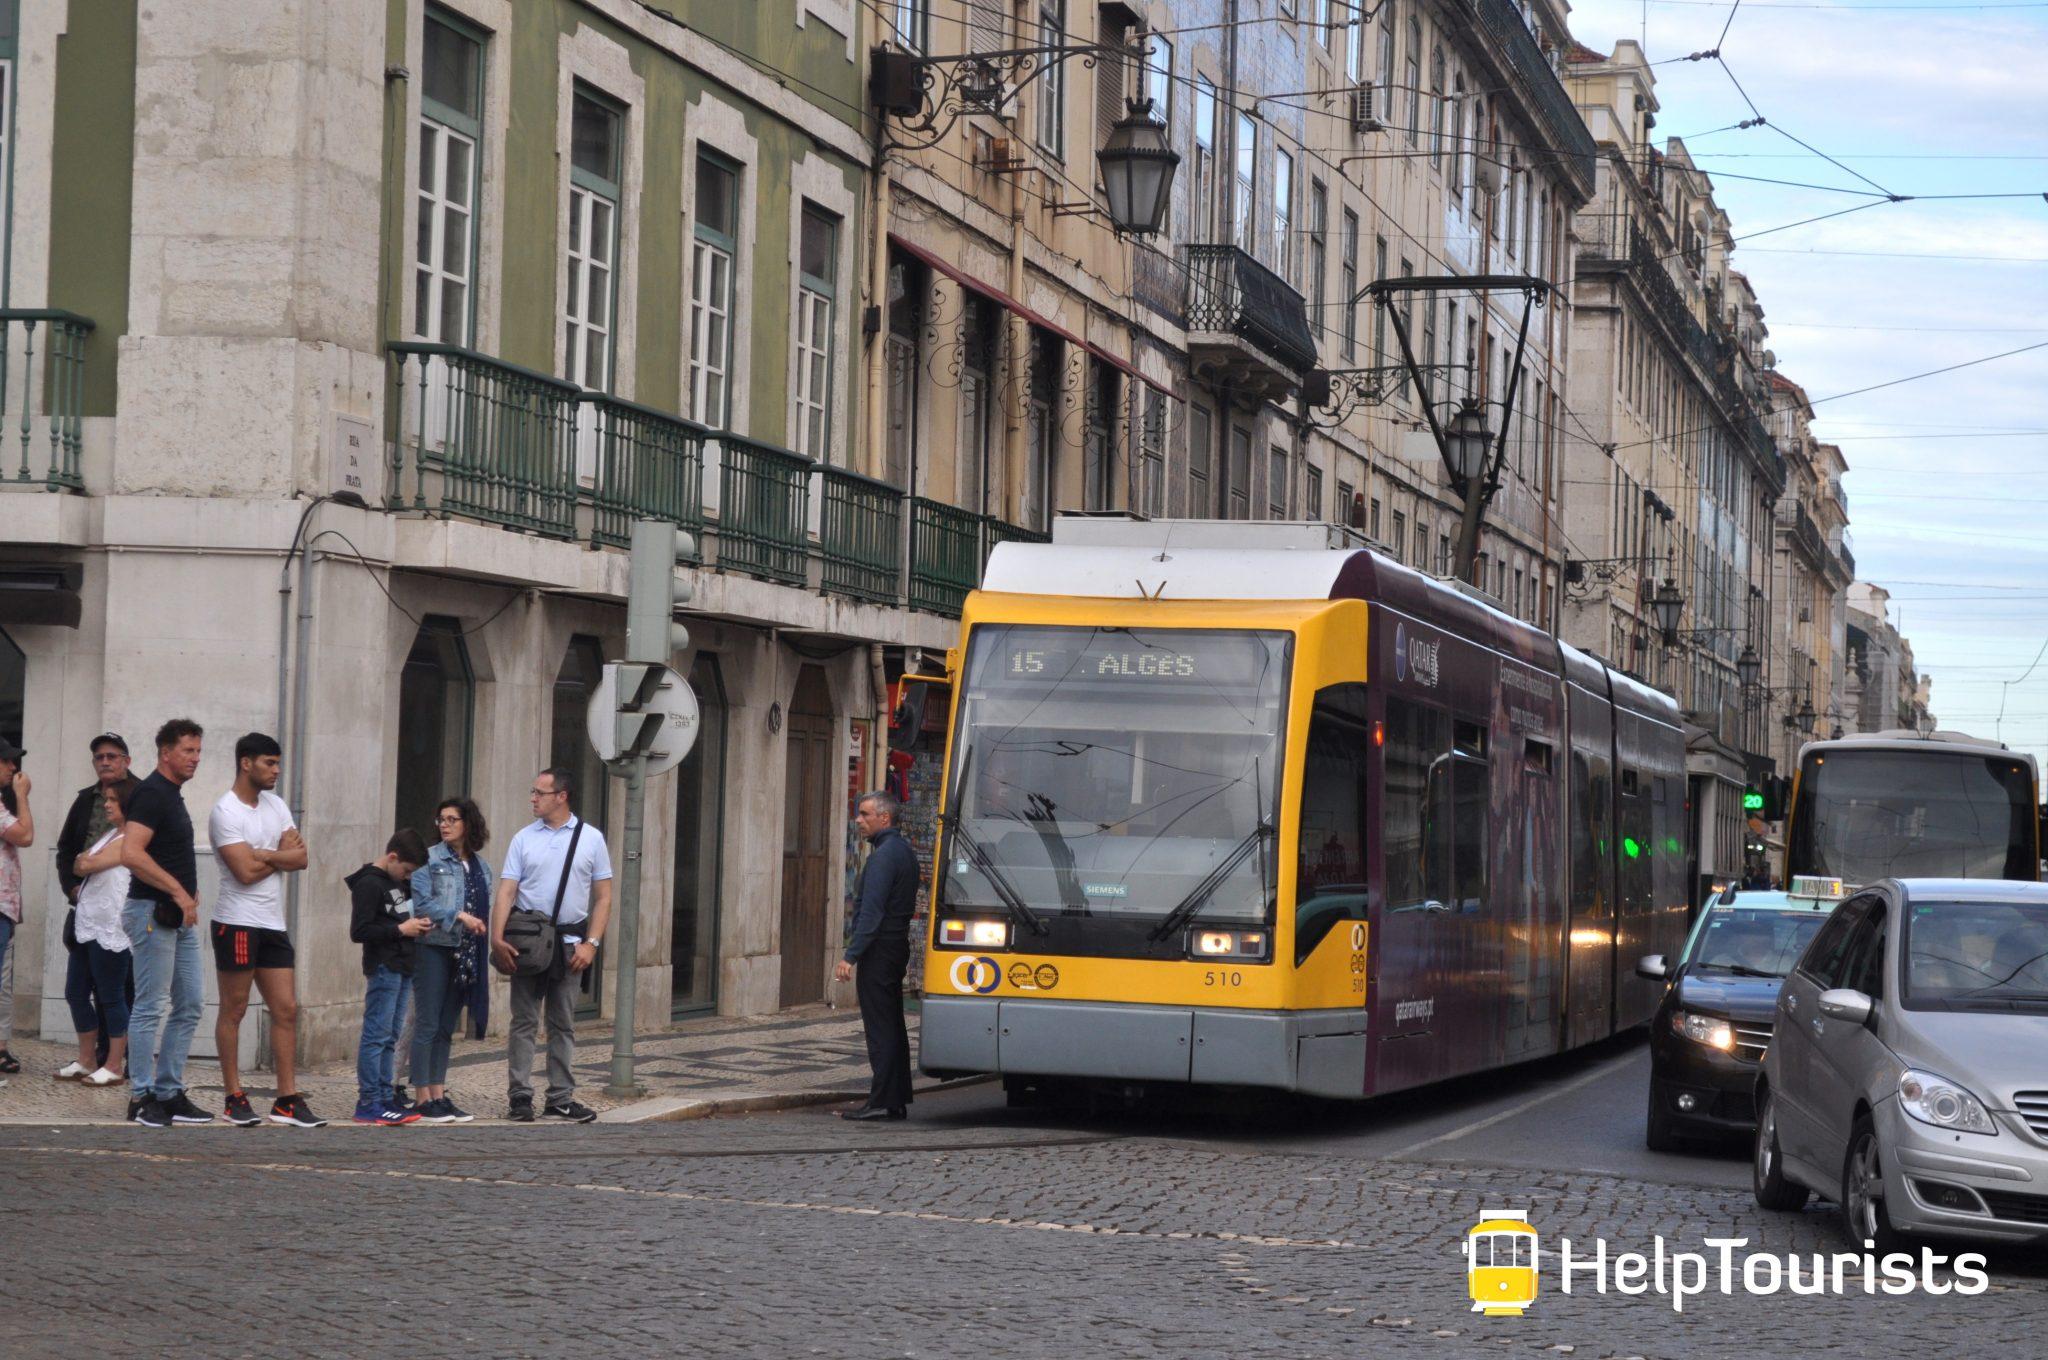 Lissabon Tram 15 Alges